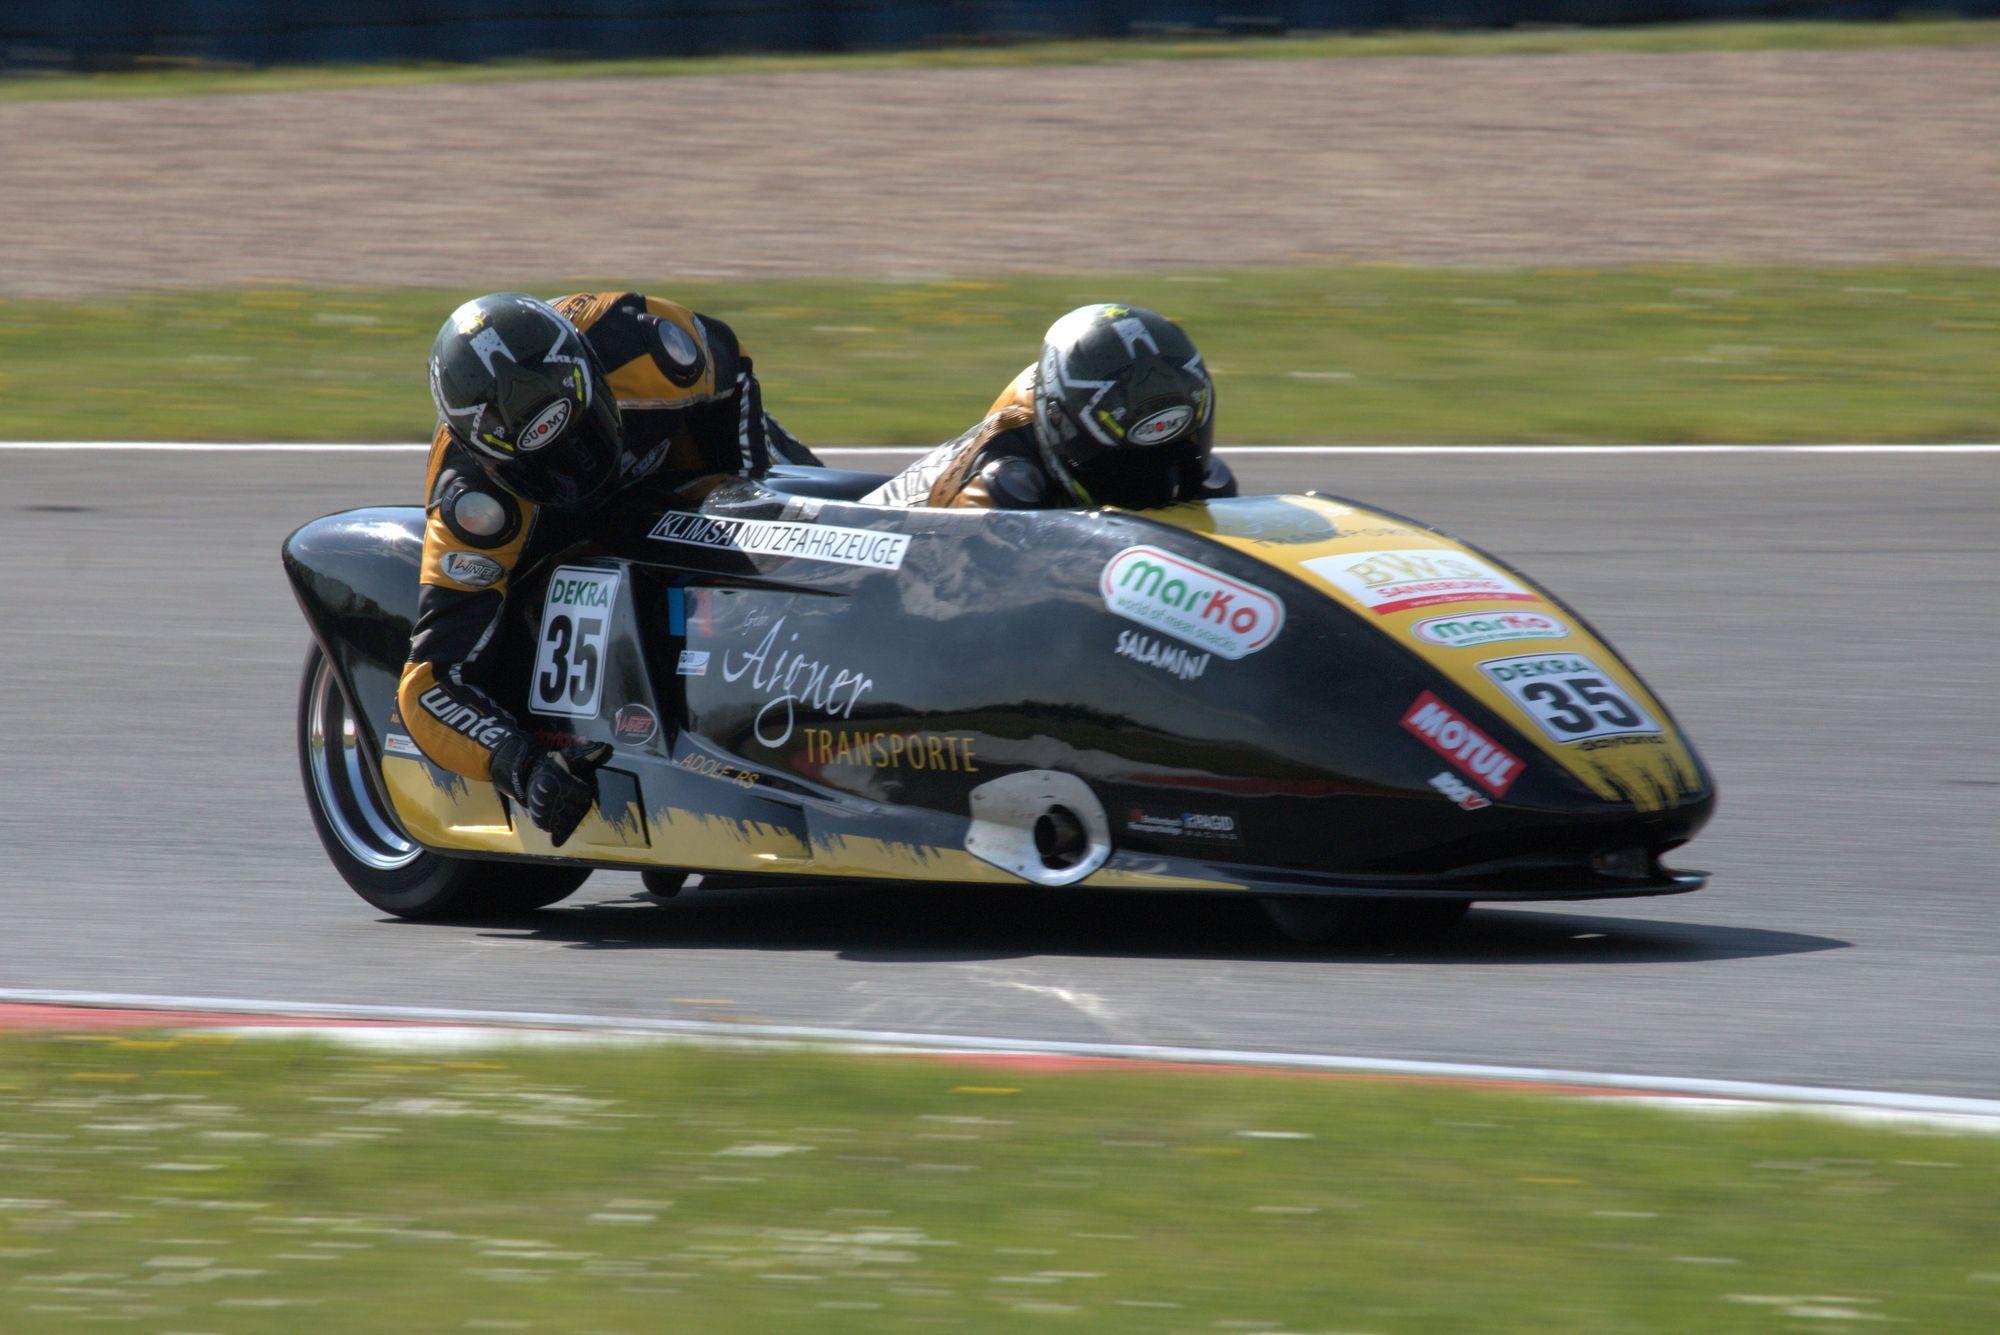 Josef Sattler und Uwe Neubert - Team Sattler Motorsport - IDM Sidecar 2018 Motorsportarena Oschersleben